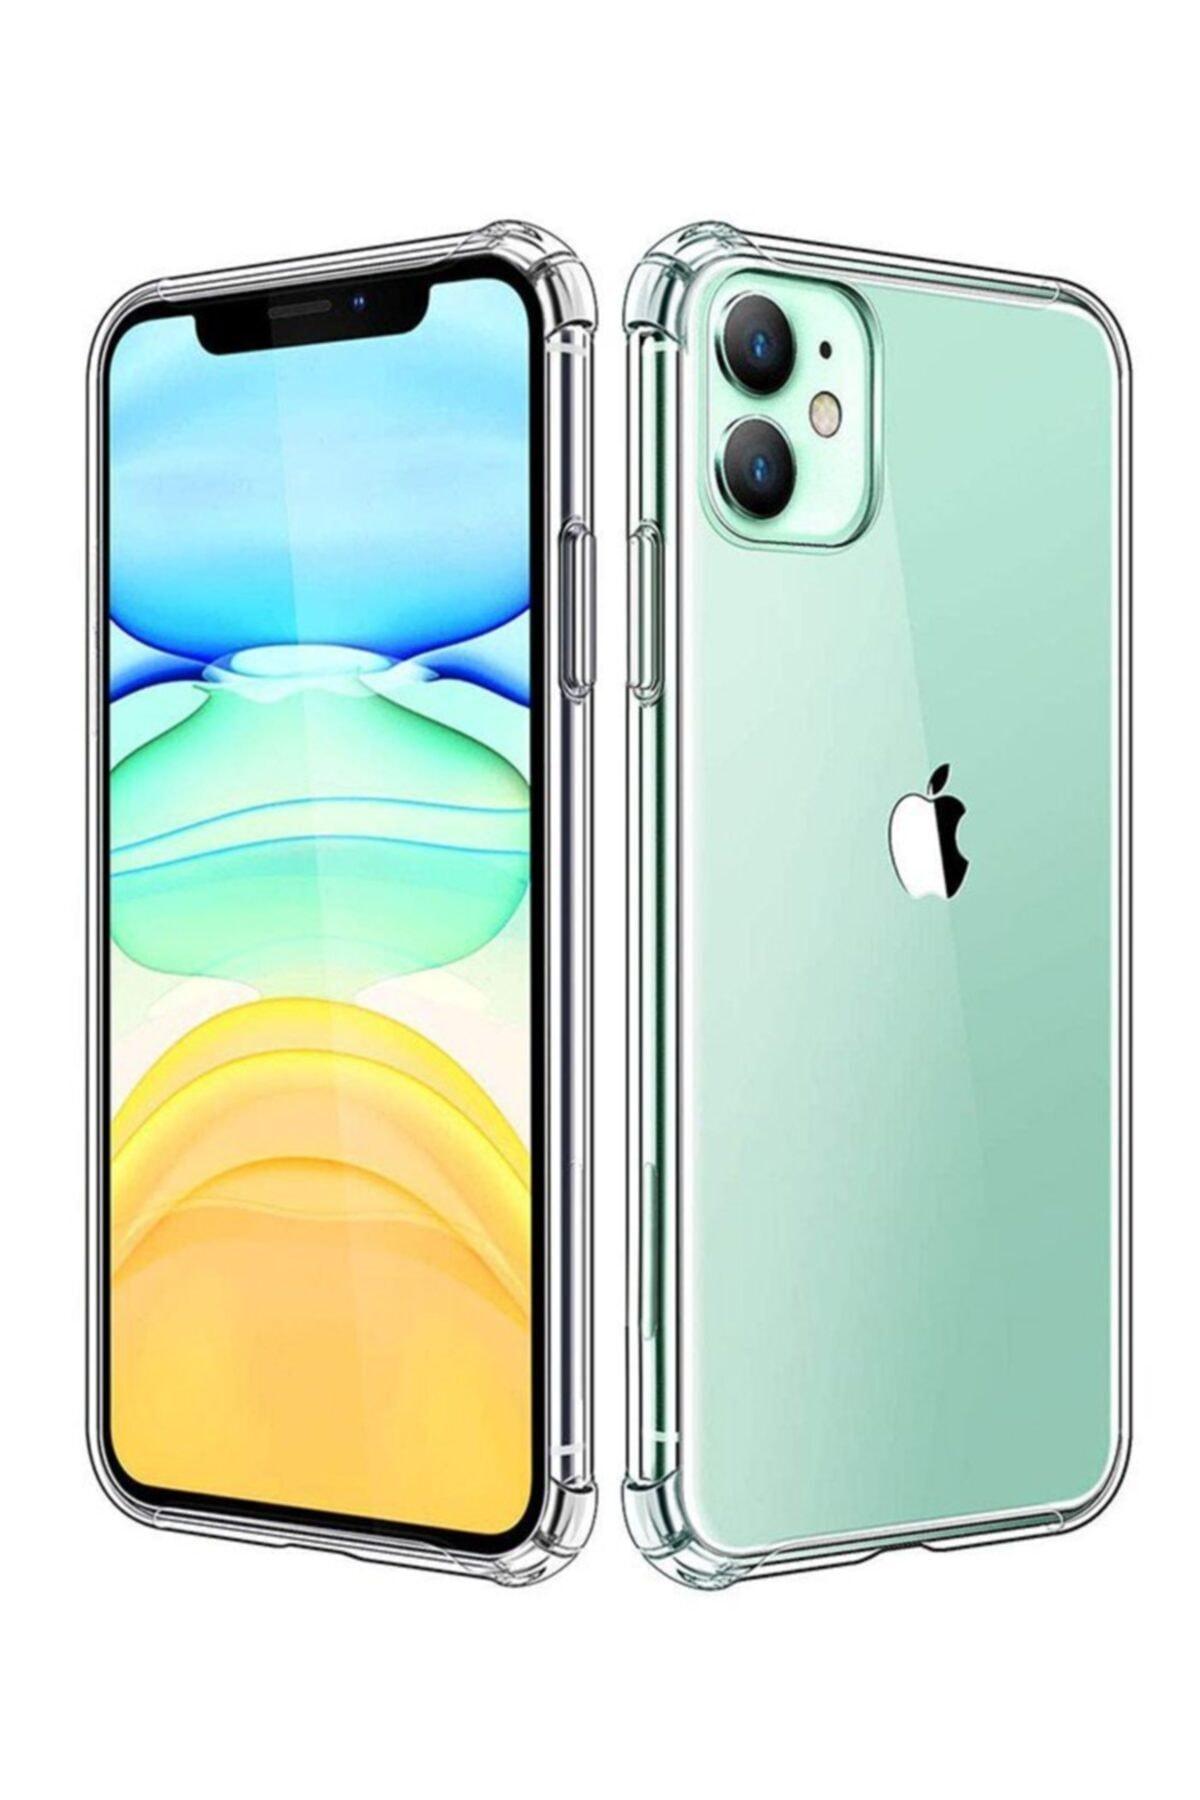 TechnoGuru Iphone 11 Pro Maxtıpalı Şeffaf Silikon Kılıf 1